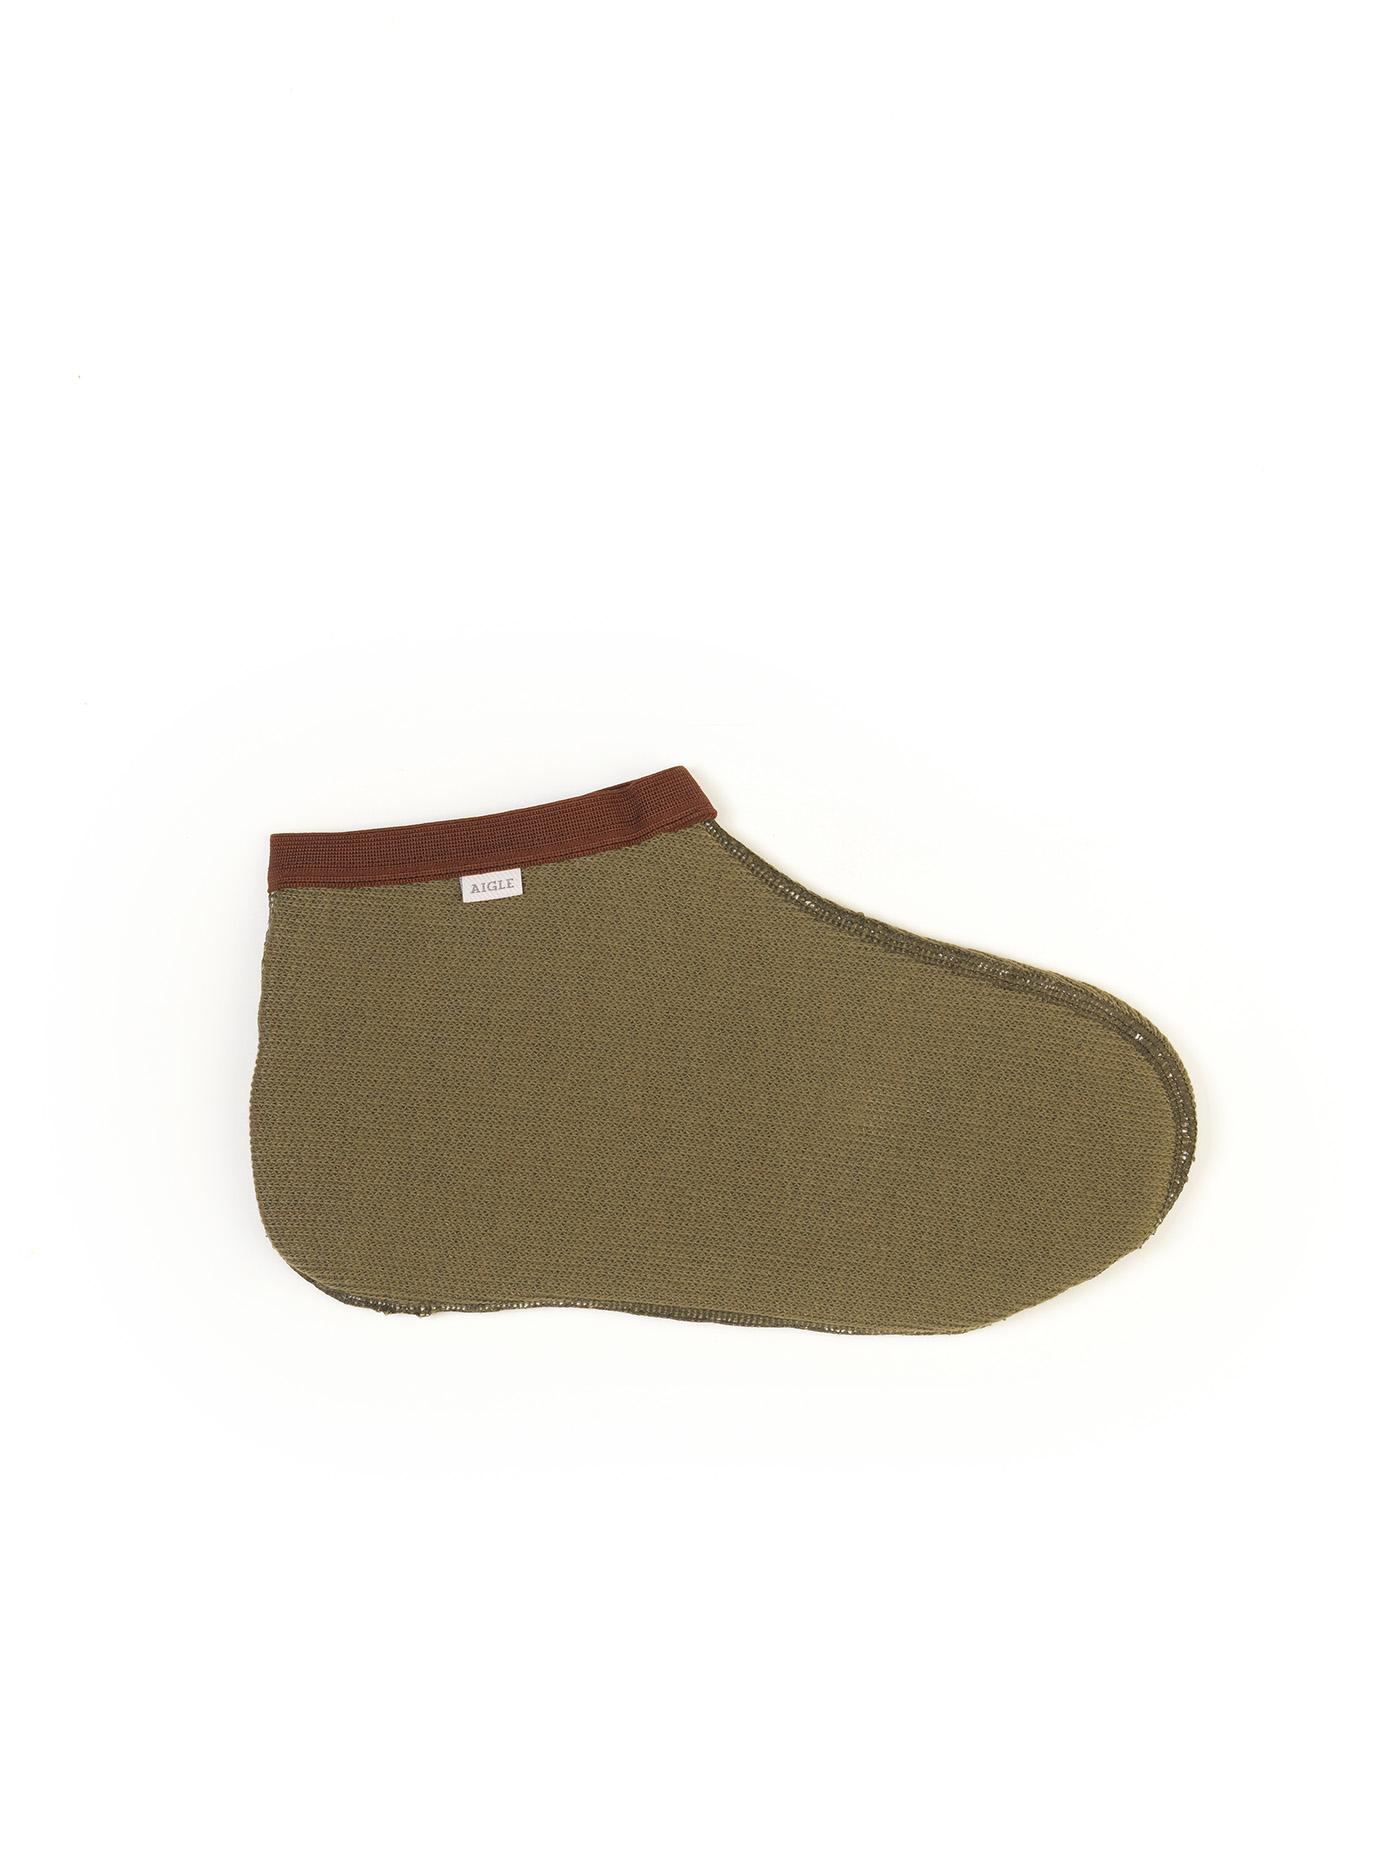 AIGLOO | Chaussons de bottes coloré homme foret | Aiglehomme